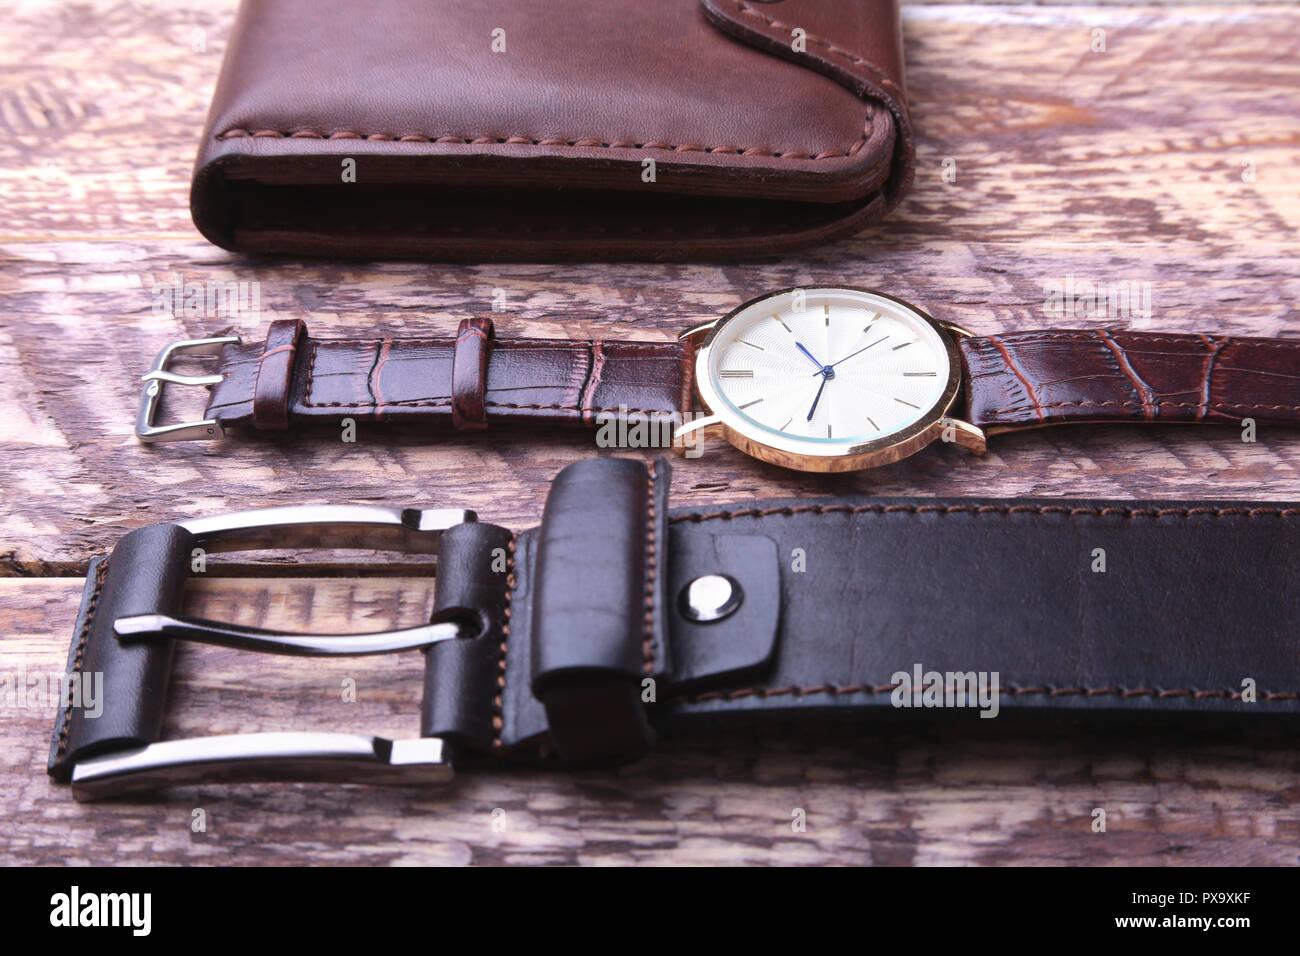 9cc803c4f2b5 Conjunto de accesorios para los hombres de negocios con correa de cuero